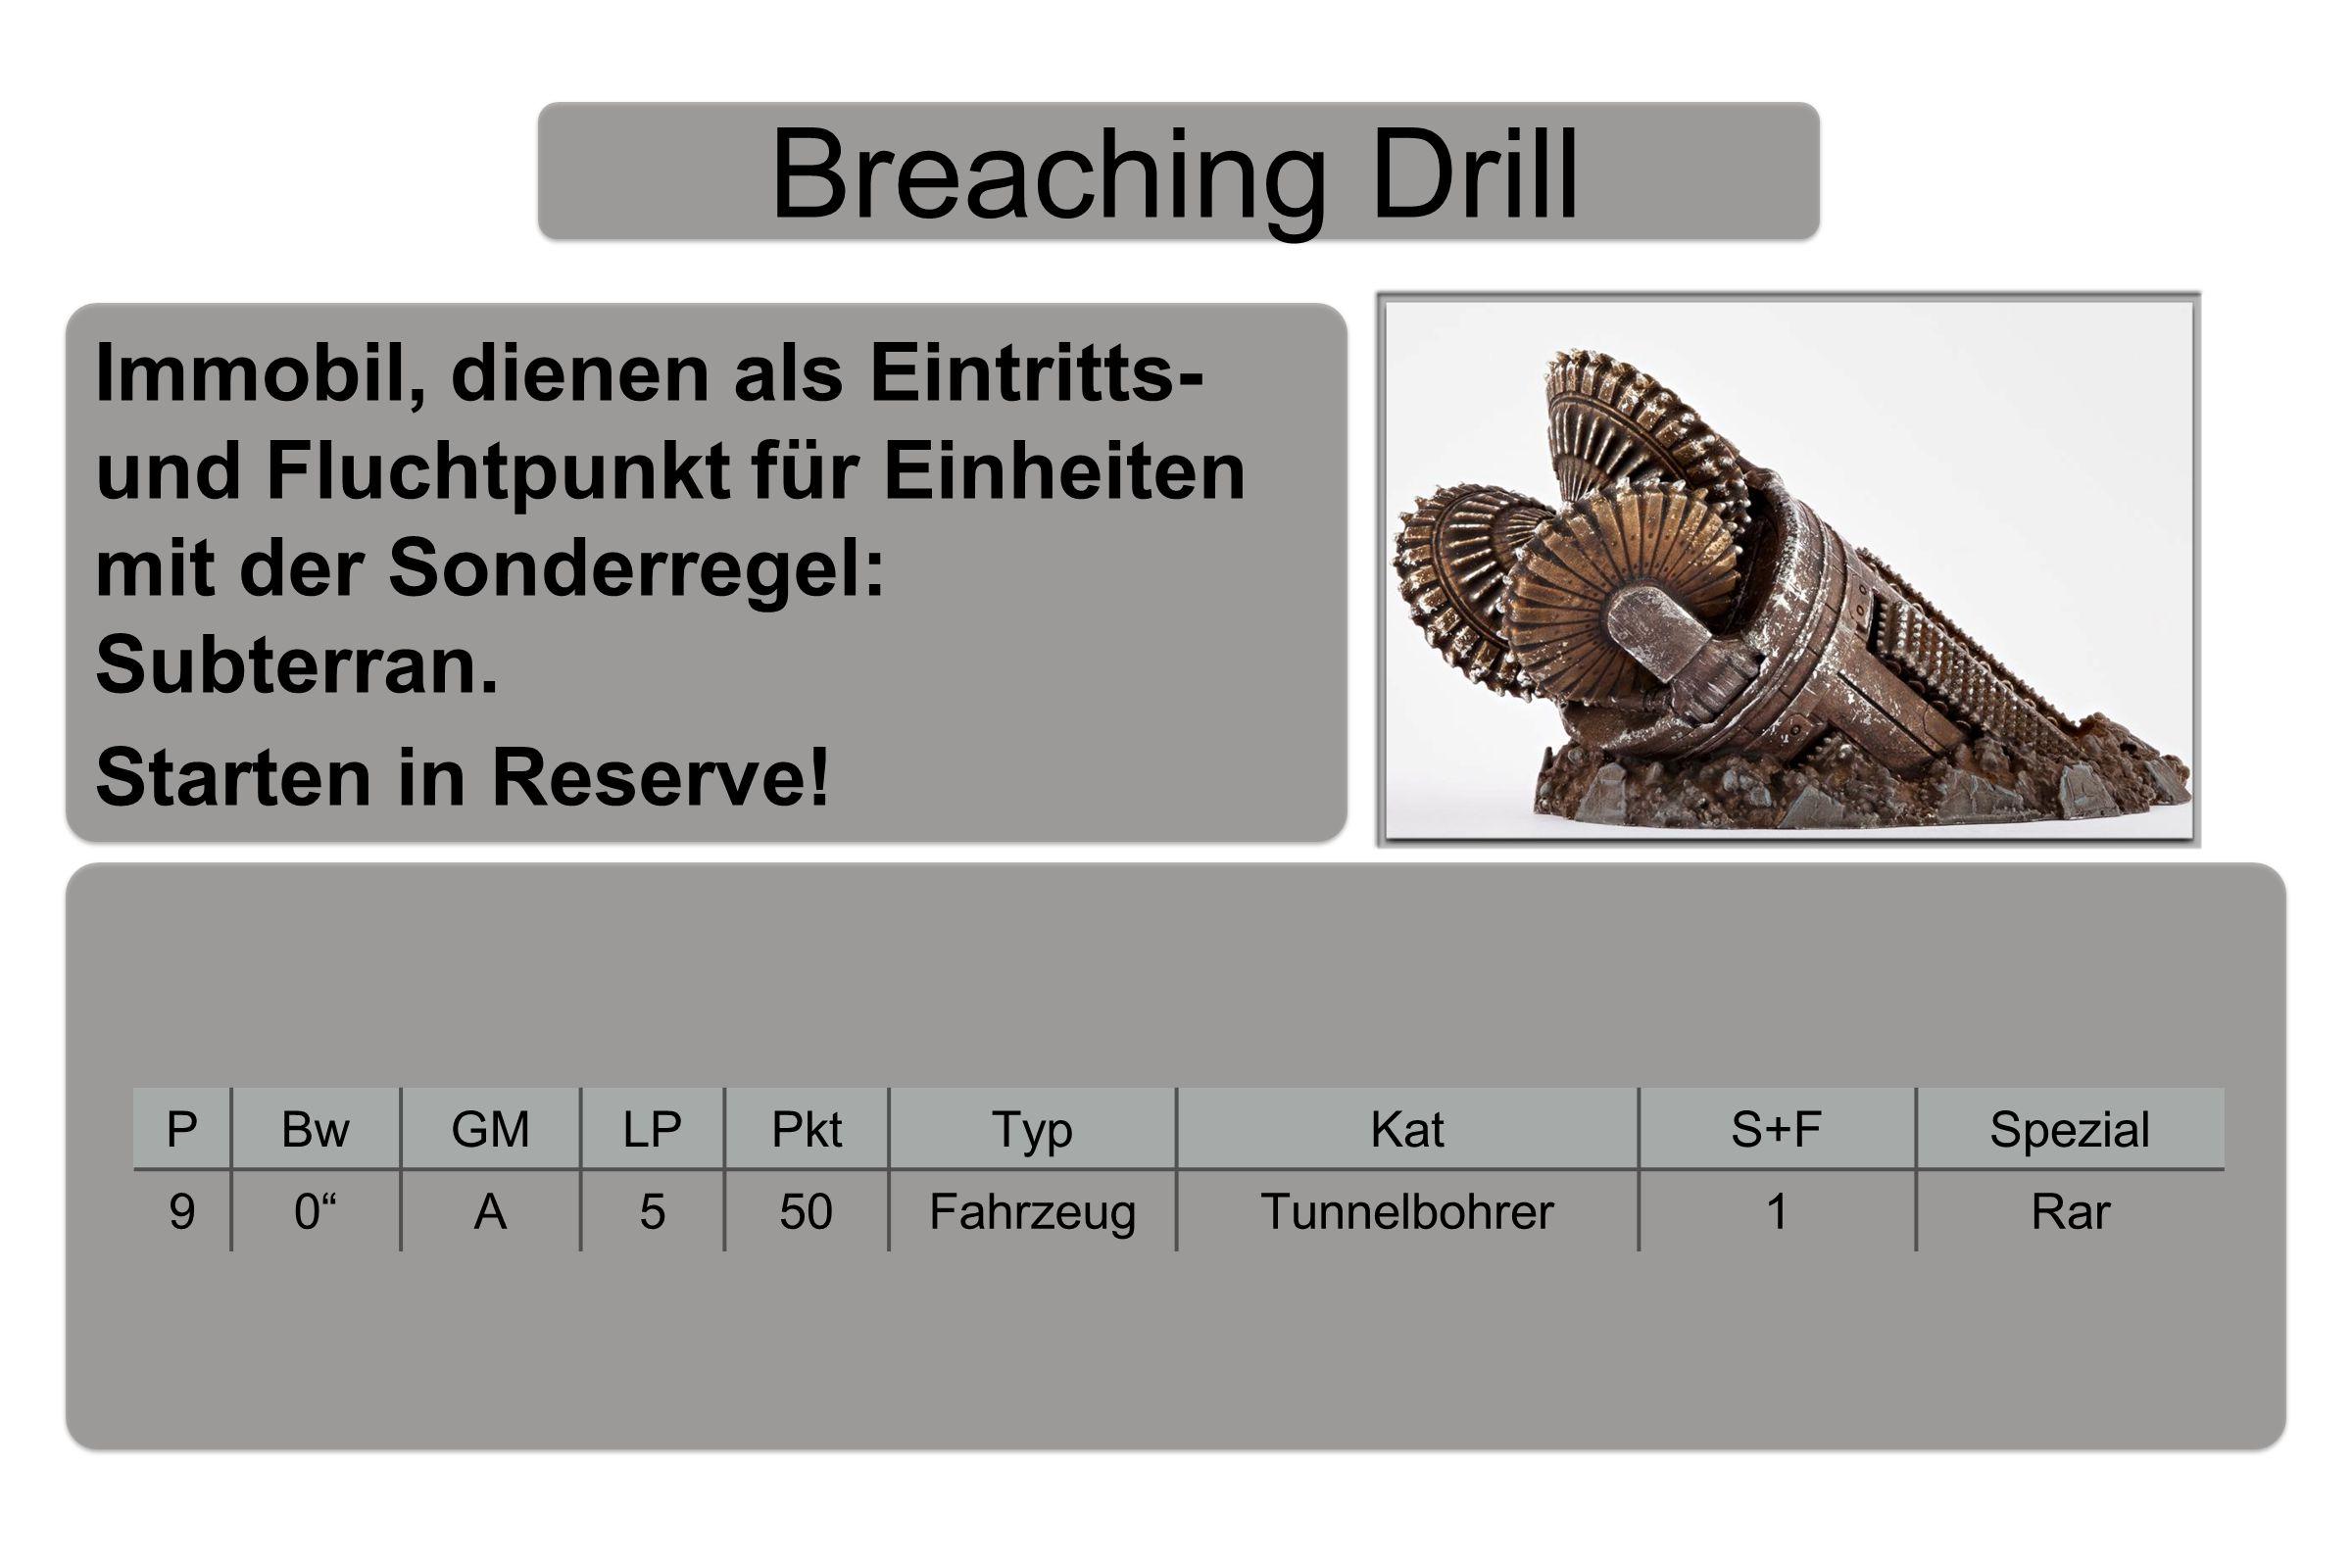 Breaching Drill PBwGMLPPktTypKatS+FSpezial 90 A550FahrzeugTunnelbohrer1Rar Immobil, dienen als Eintritts- und Fluchtpunkt für Einheiten mit der Sonderregel: Subterran.